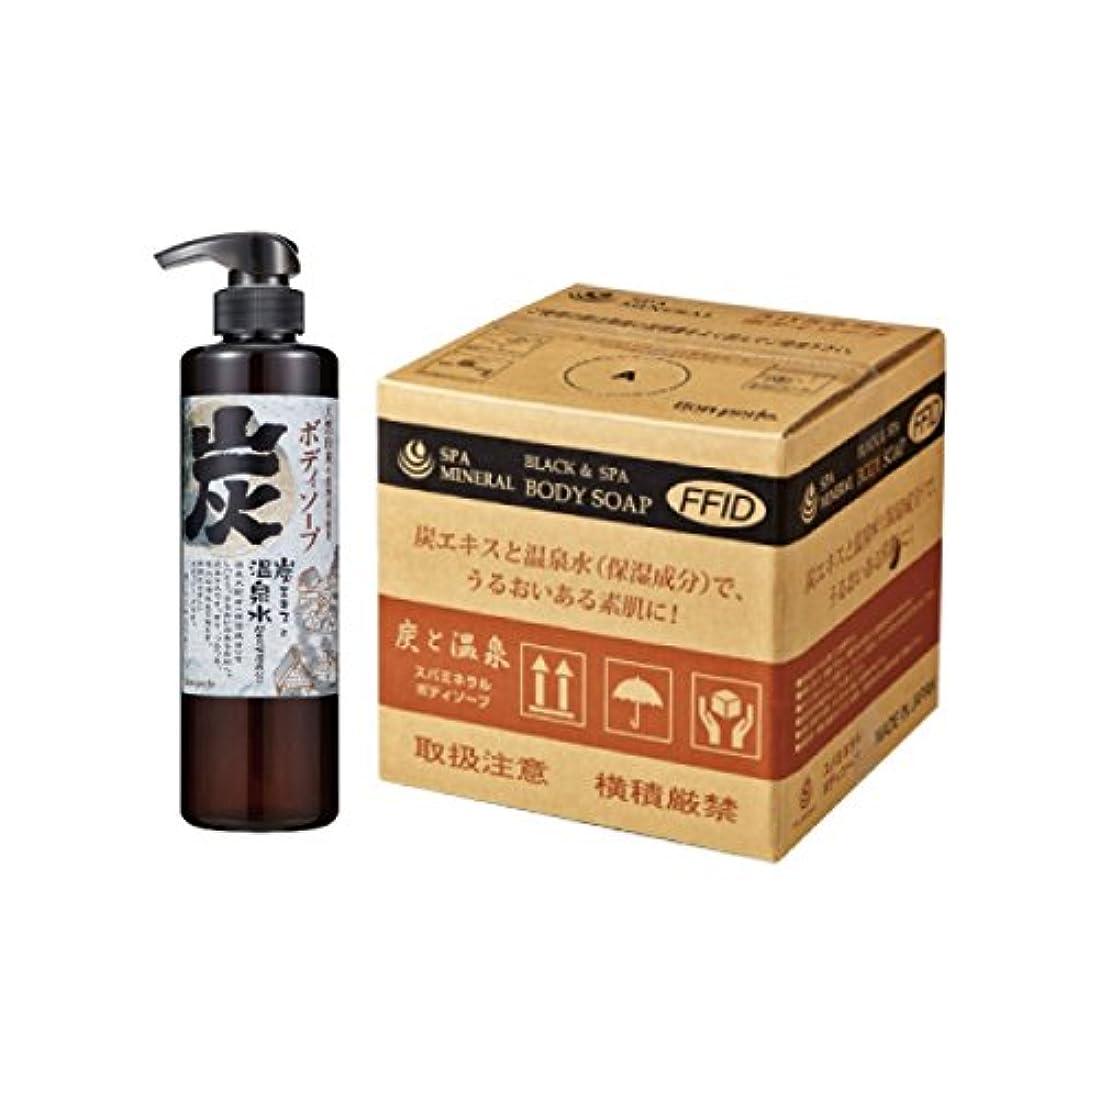 甘い告白するライブスパミネラル 炭と温泉 ボディソープ 業務用 20 L